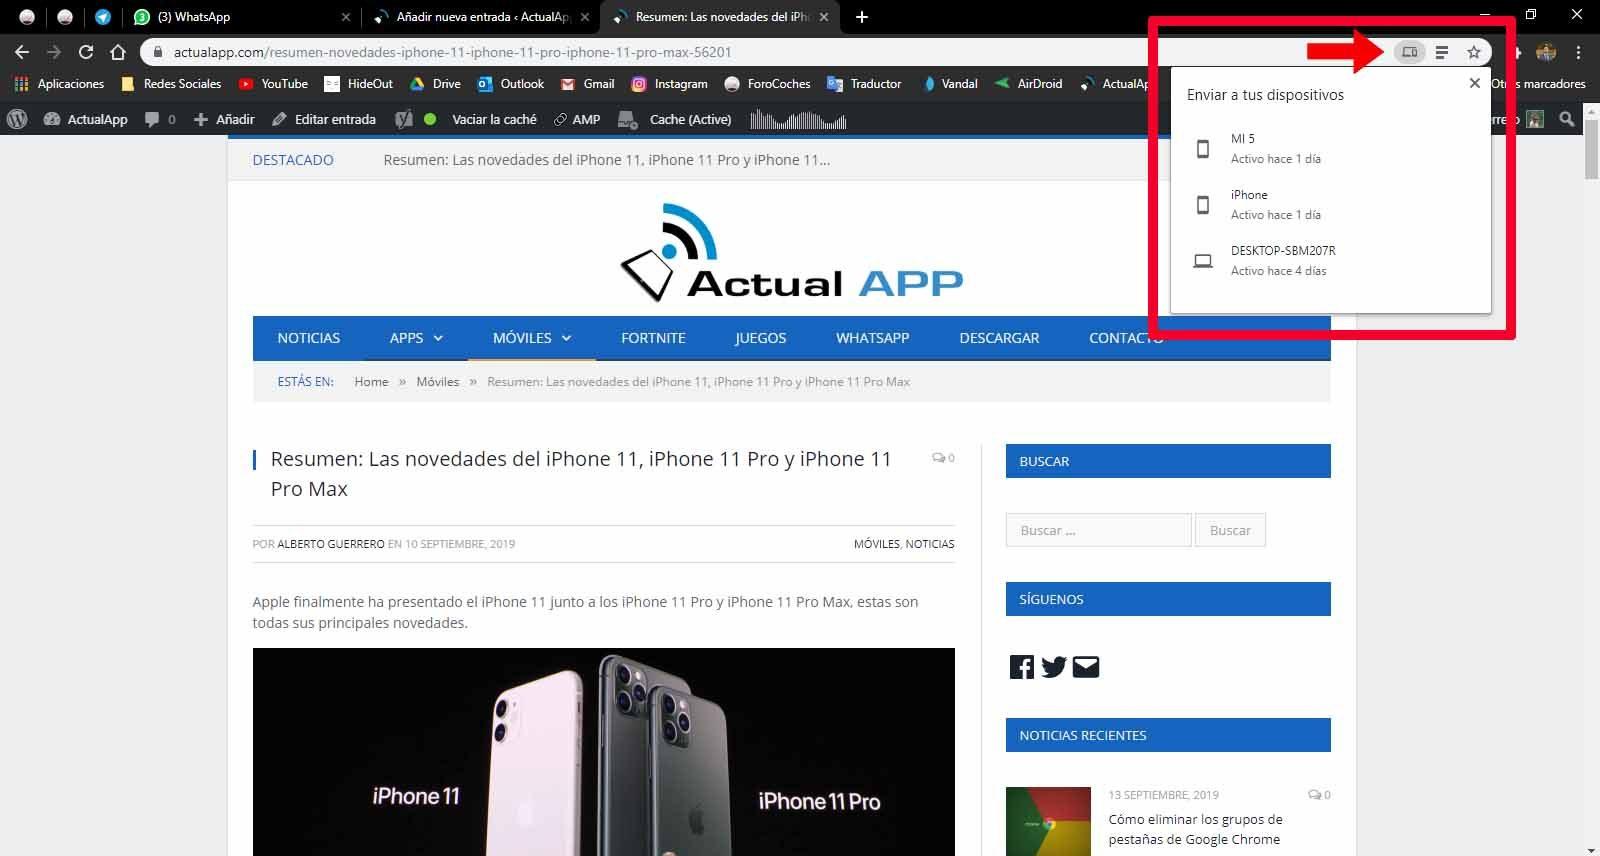 počítačová sieť pre Google Chrome Mobile